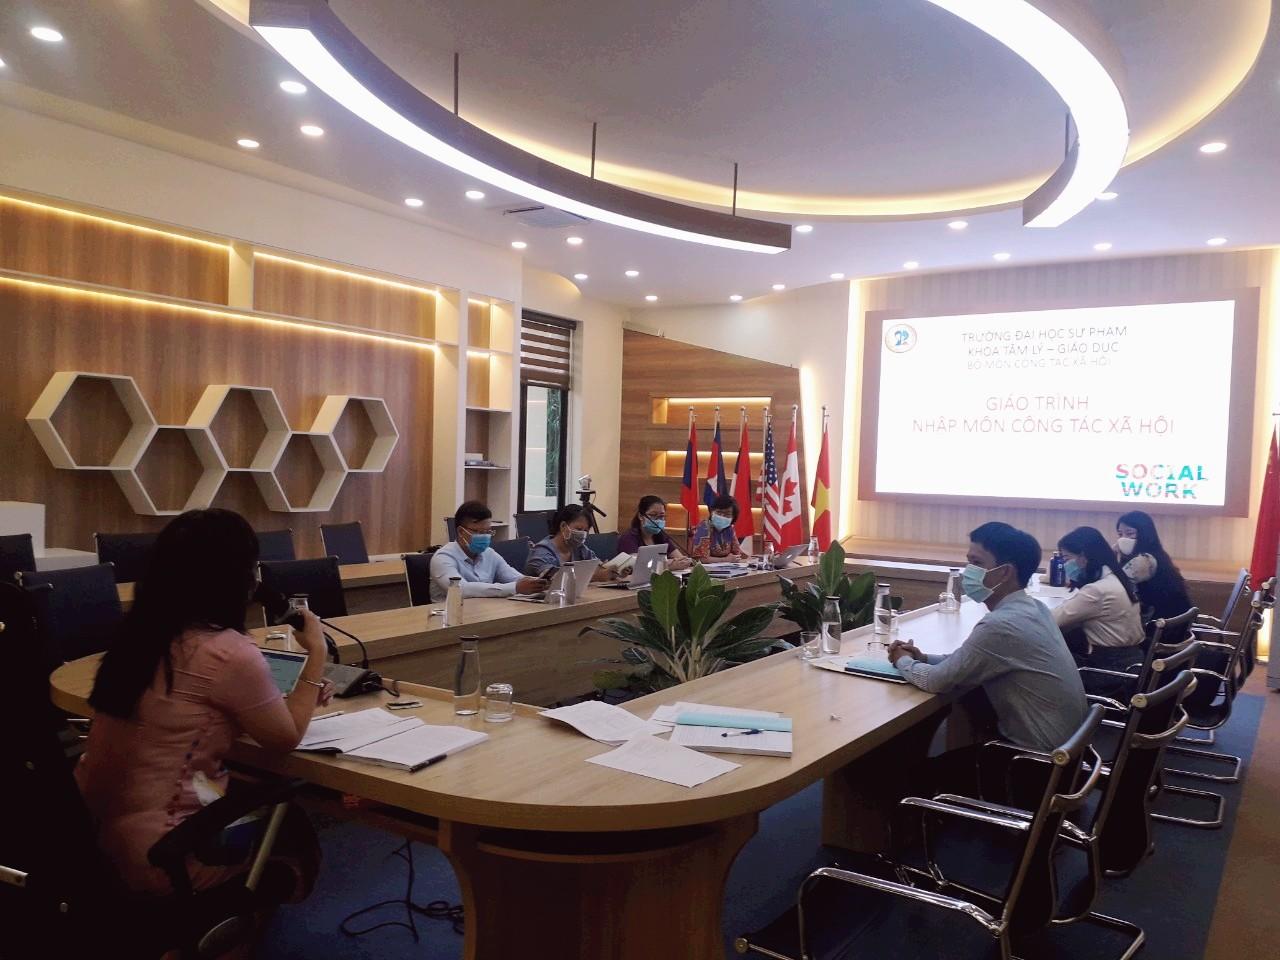 Trường Đại học Sư phạm – Đại học Đà Nẵng tổ chức nghiệm thu giáo trình: Nhập môn Công tác xã hội